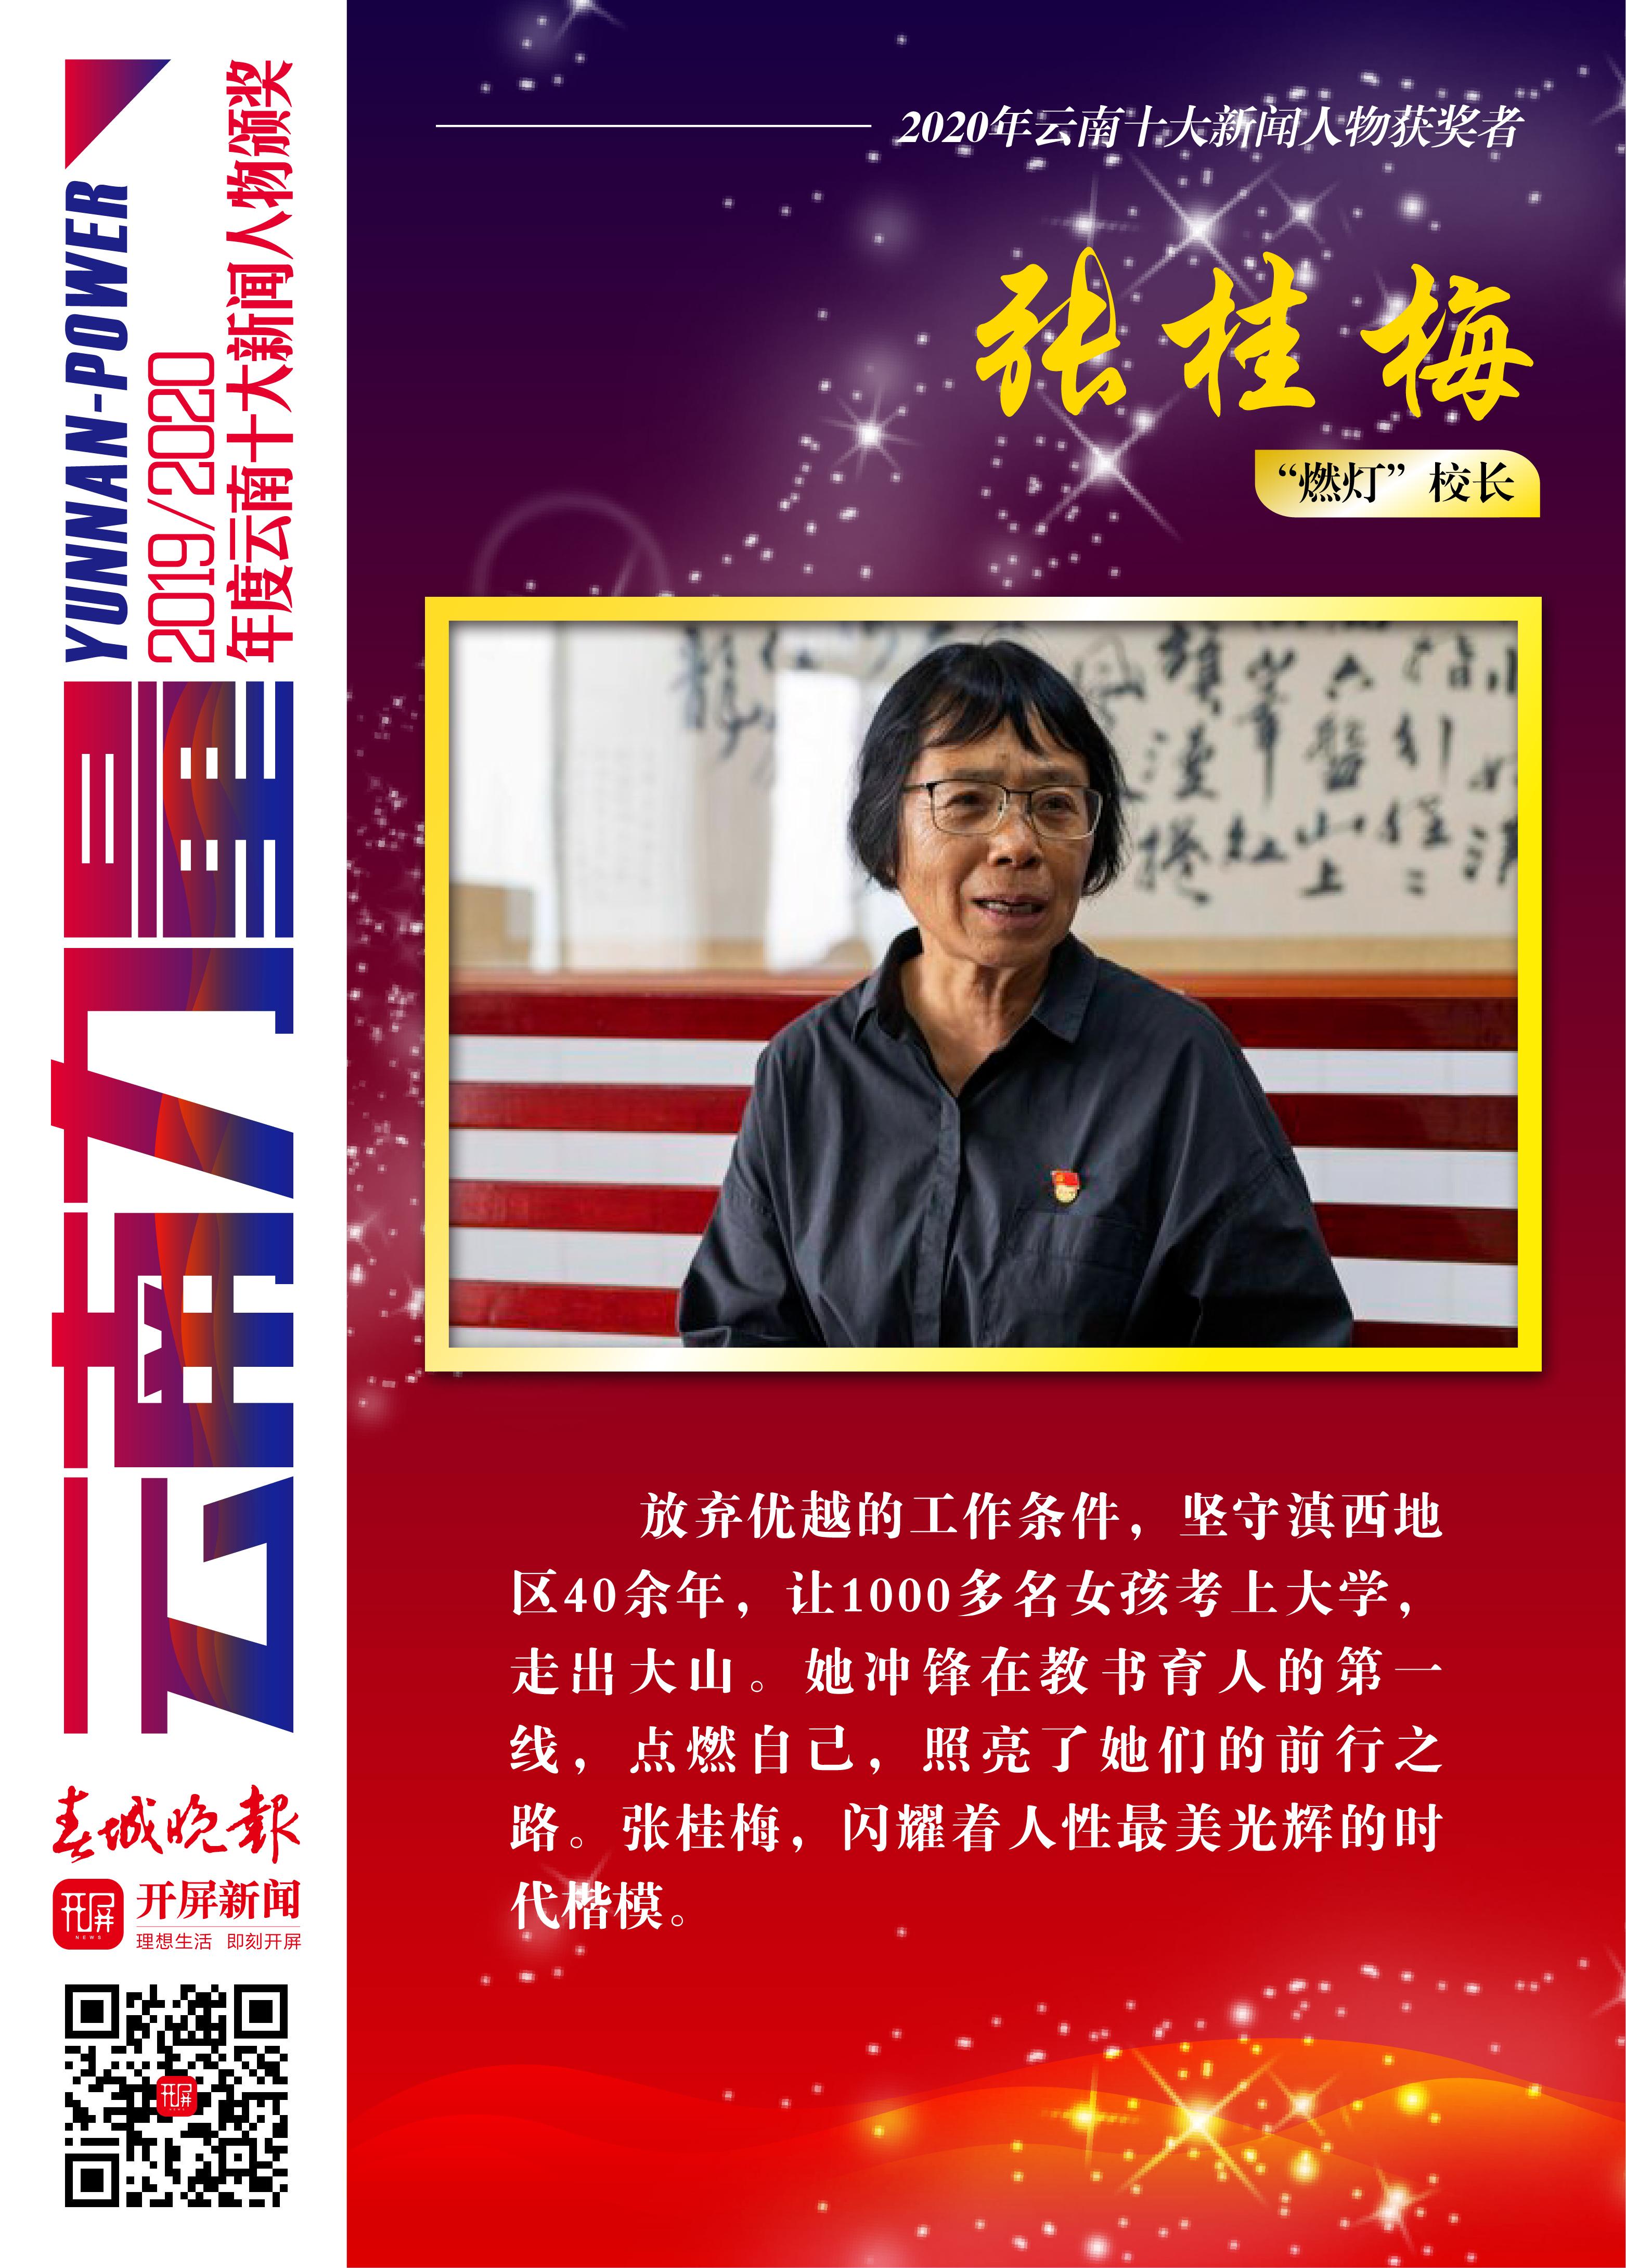 2020新闻人物海报_01张桂梅.jpg